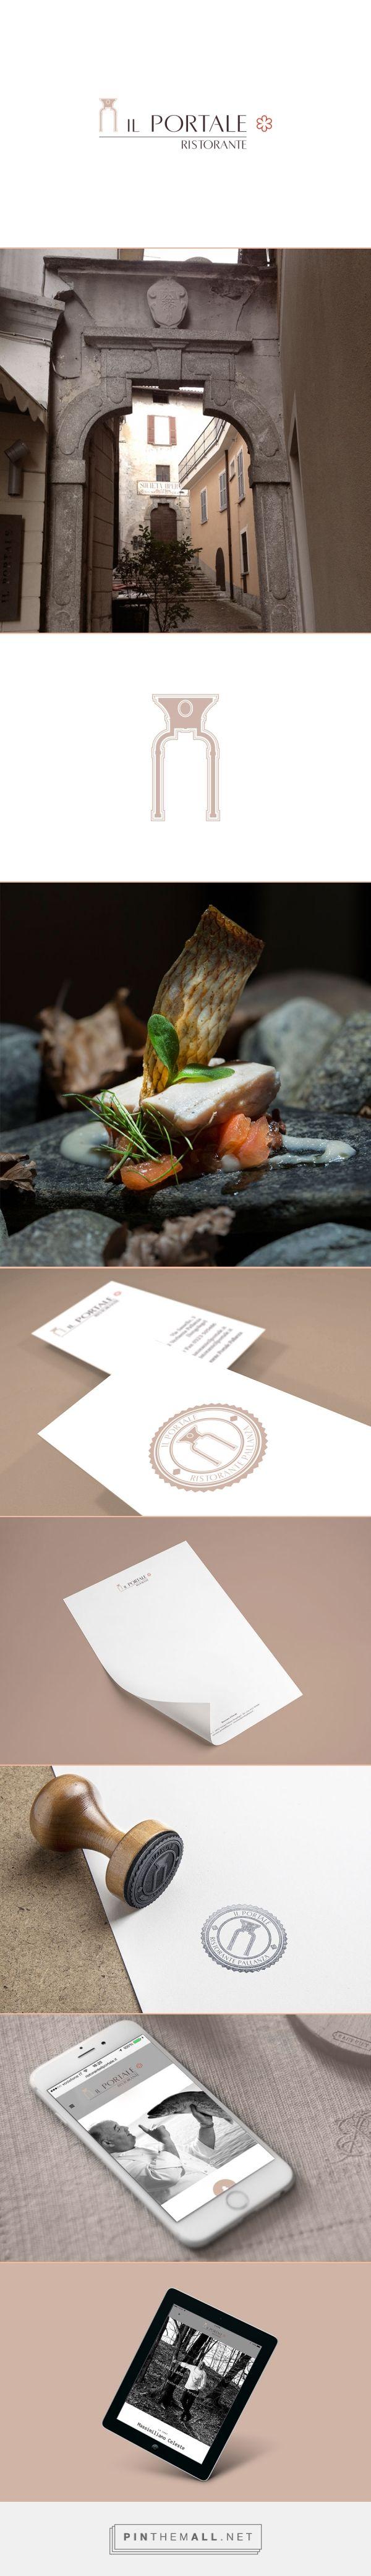 Il Portale - Identity, Brand Identity, Graphic Design, Food Design, Web site | Jam Area